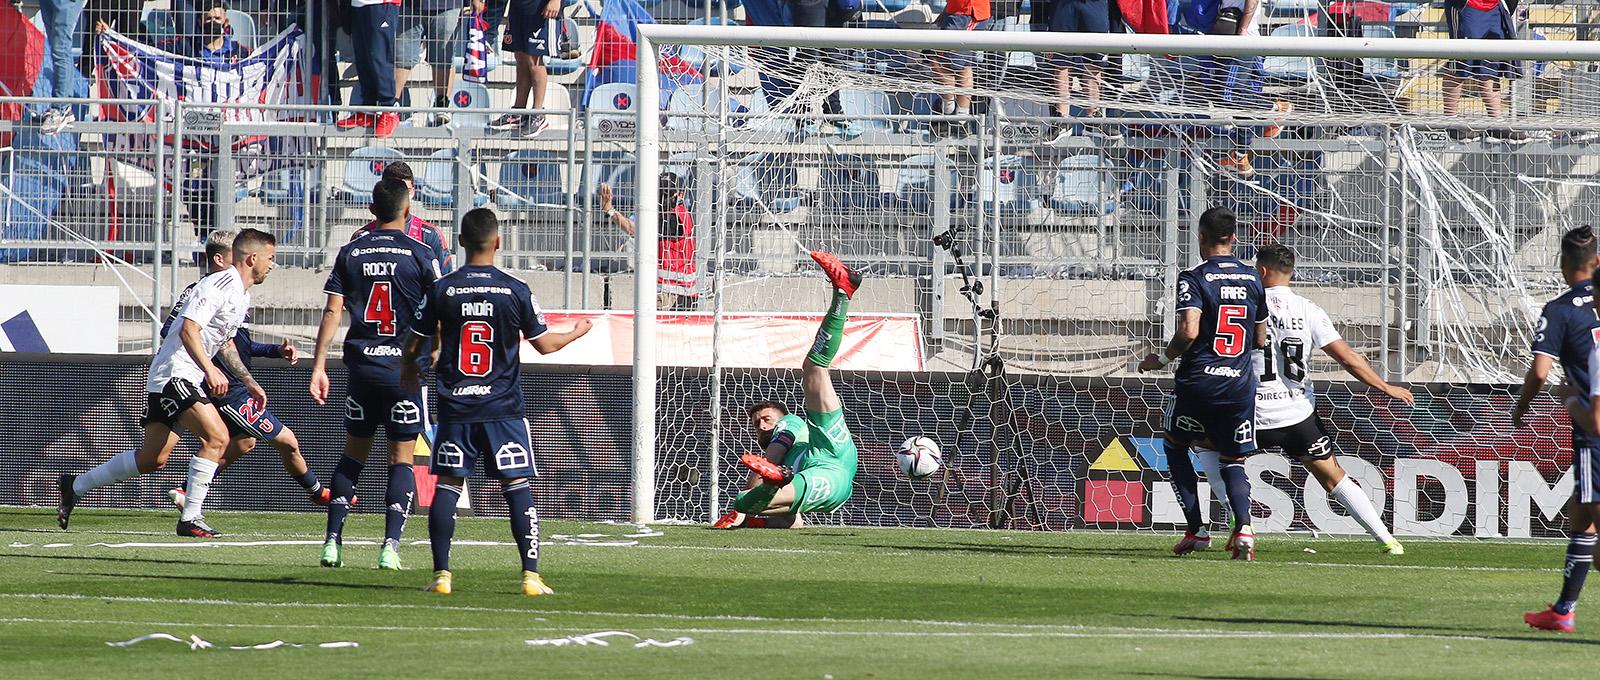 Colo Colo venció a Universidad de Chile en el Superclásico y sigue firme en el liderato